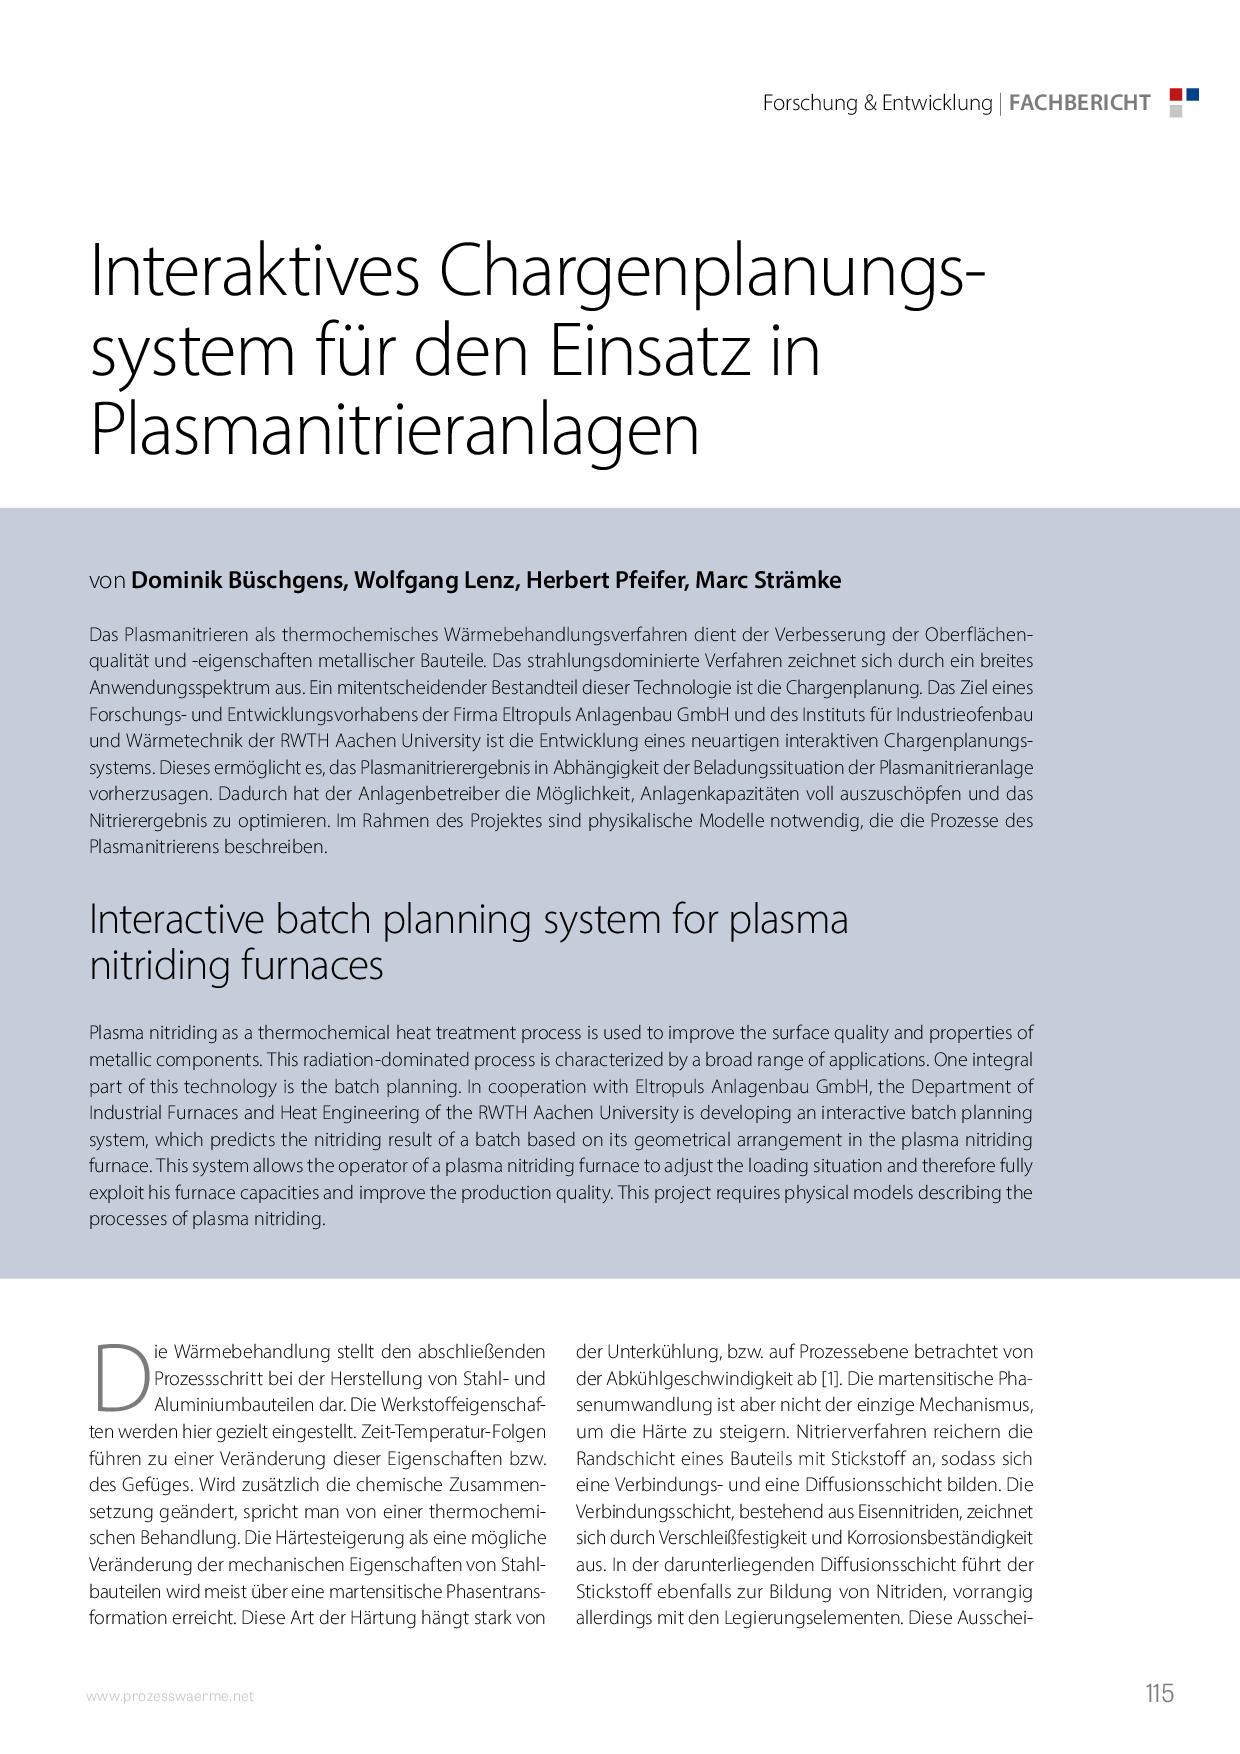 Interaktives Chargenplanungssystem für den Einsatz in Plasmanitrieranlagen